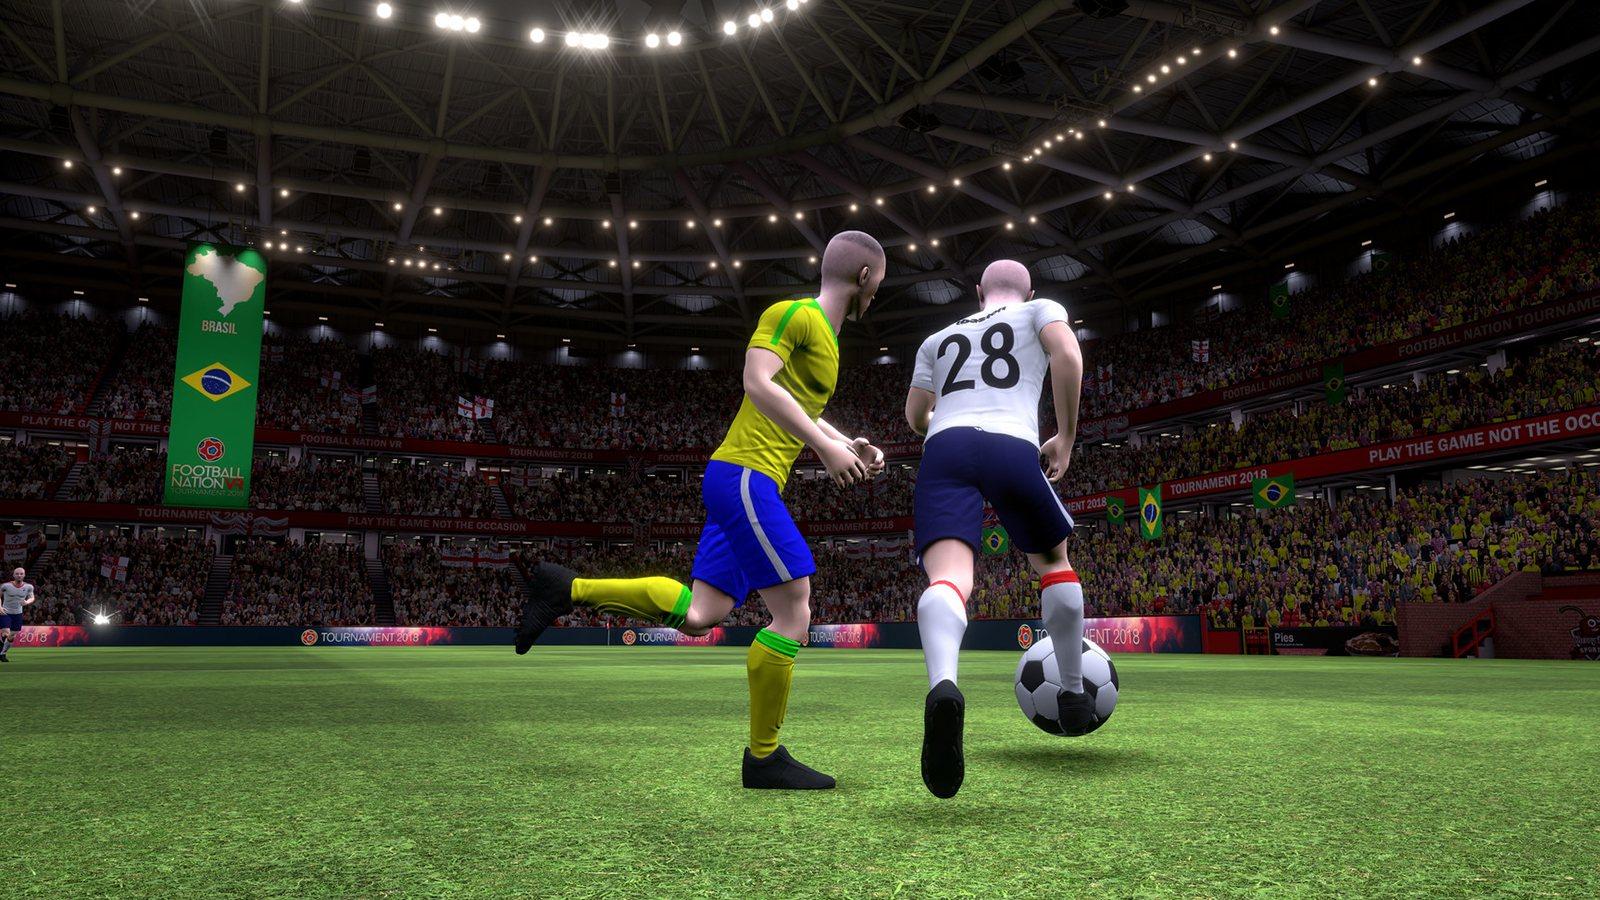 Стратегии для виртуального футбола